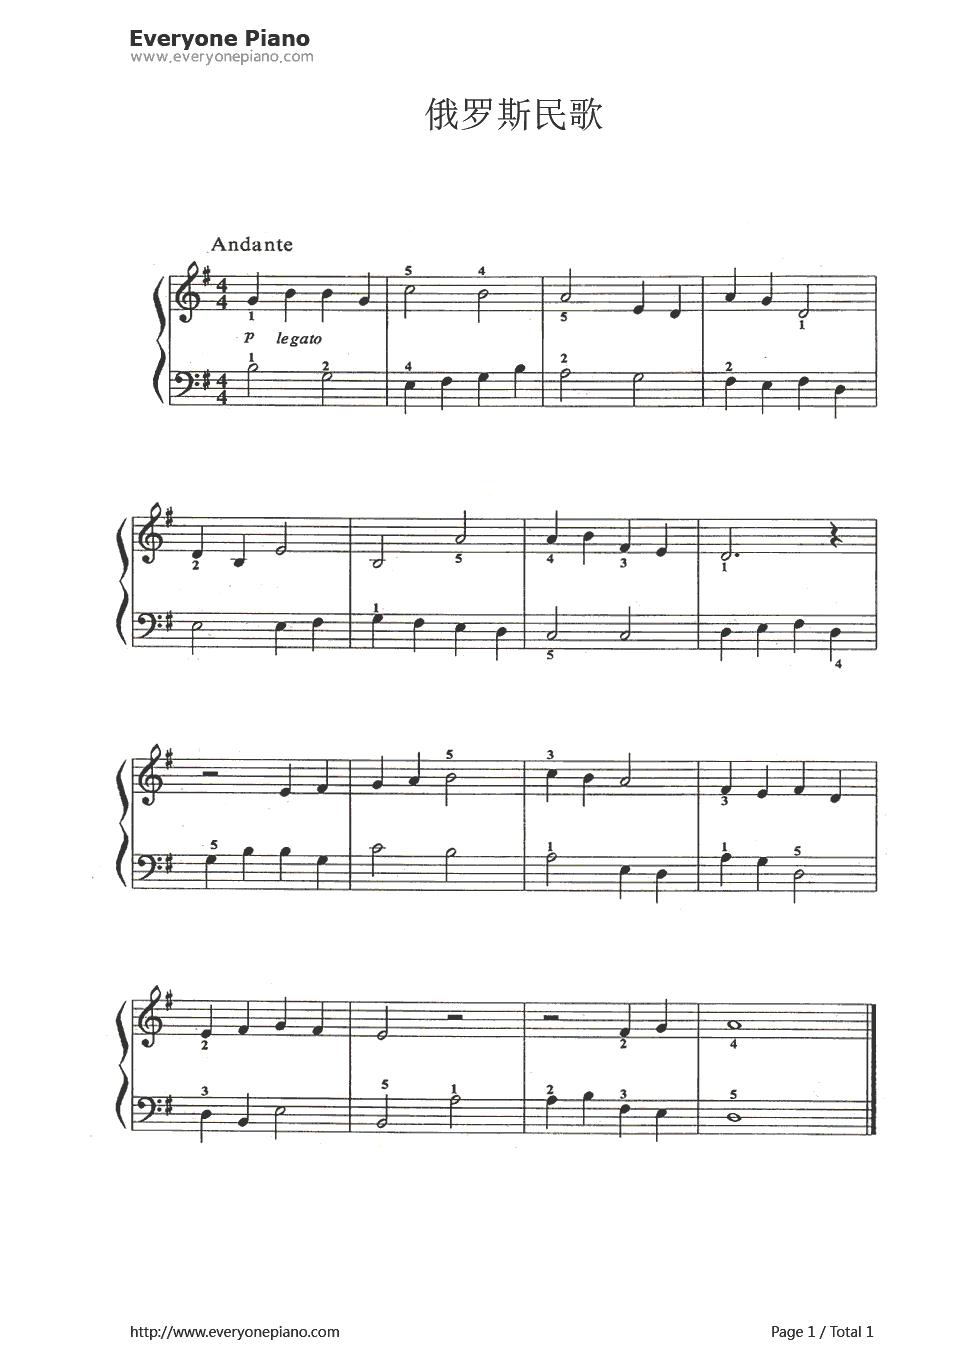 网站首页 钢琴曲谱 民乐 俄罗斯民歌 >> 俄罗斯民歌五线谱预览1